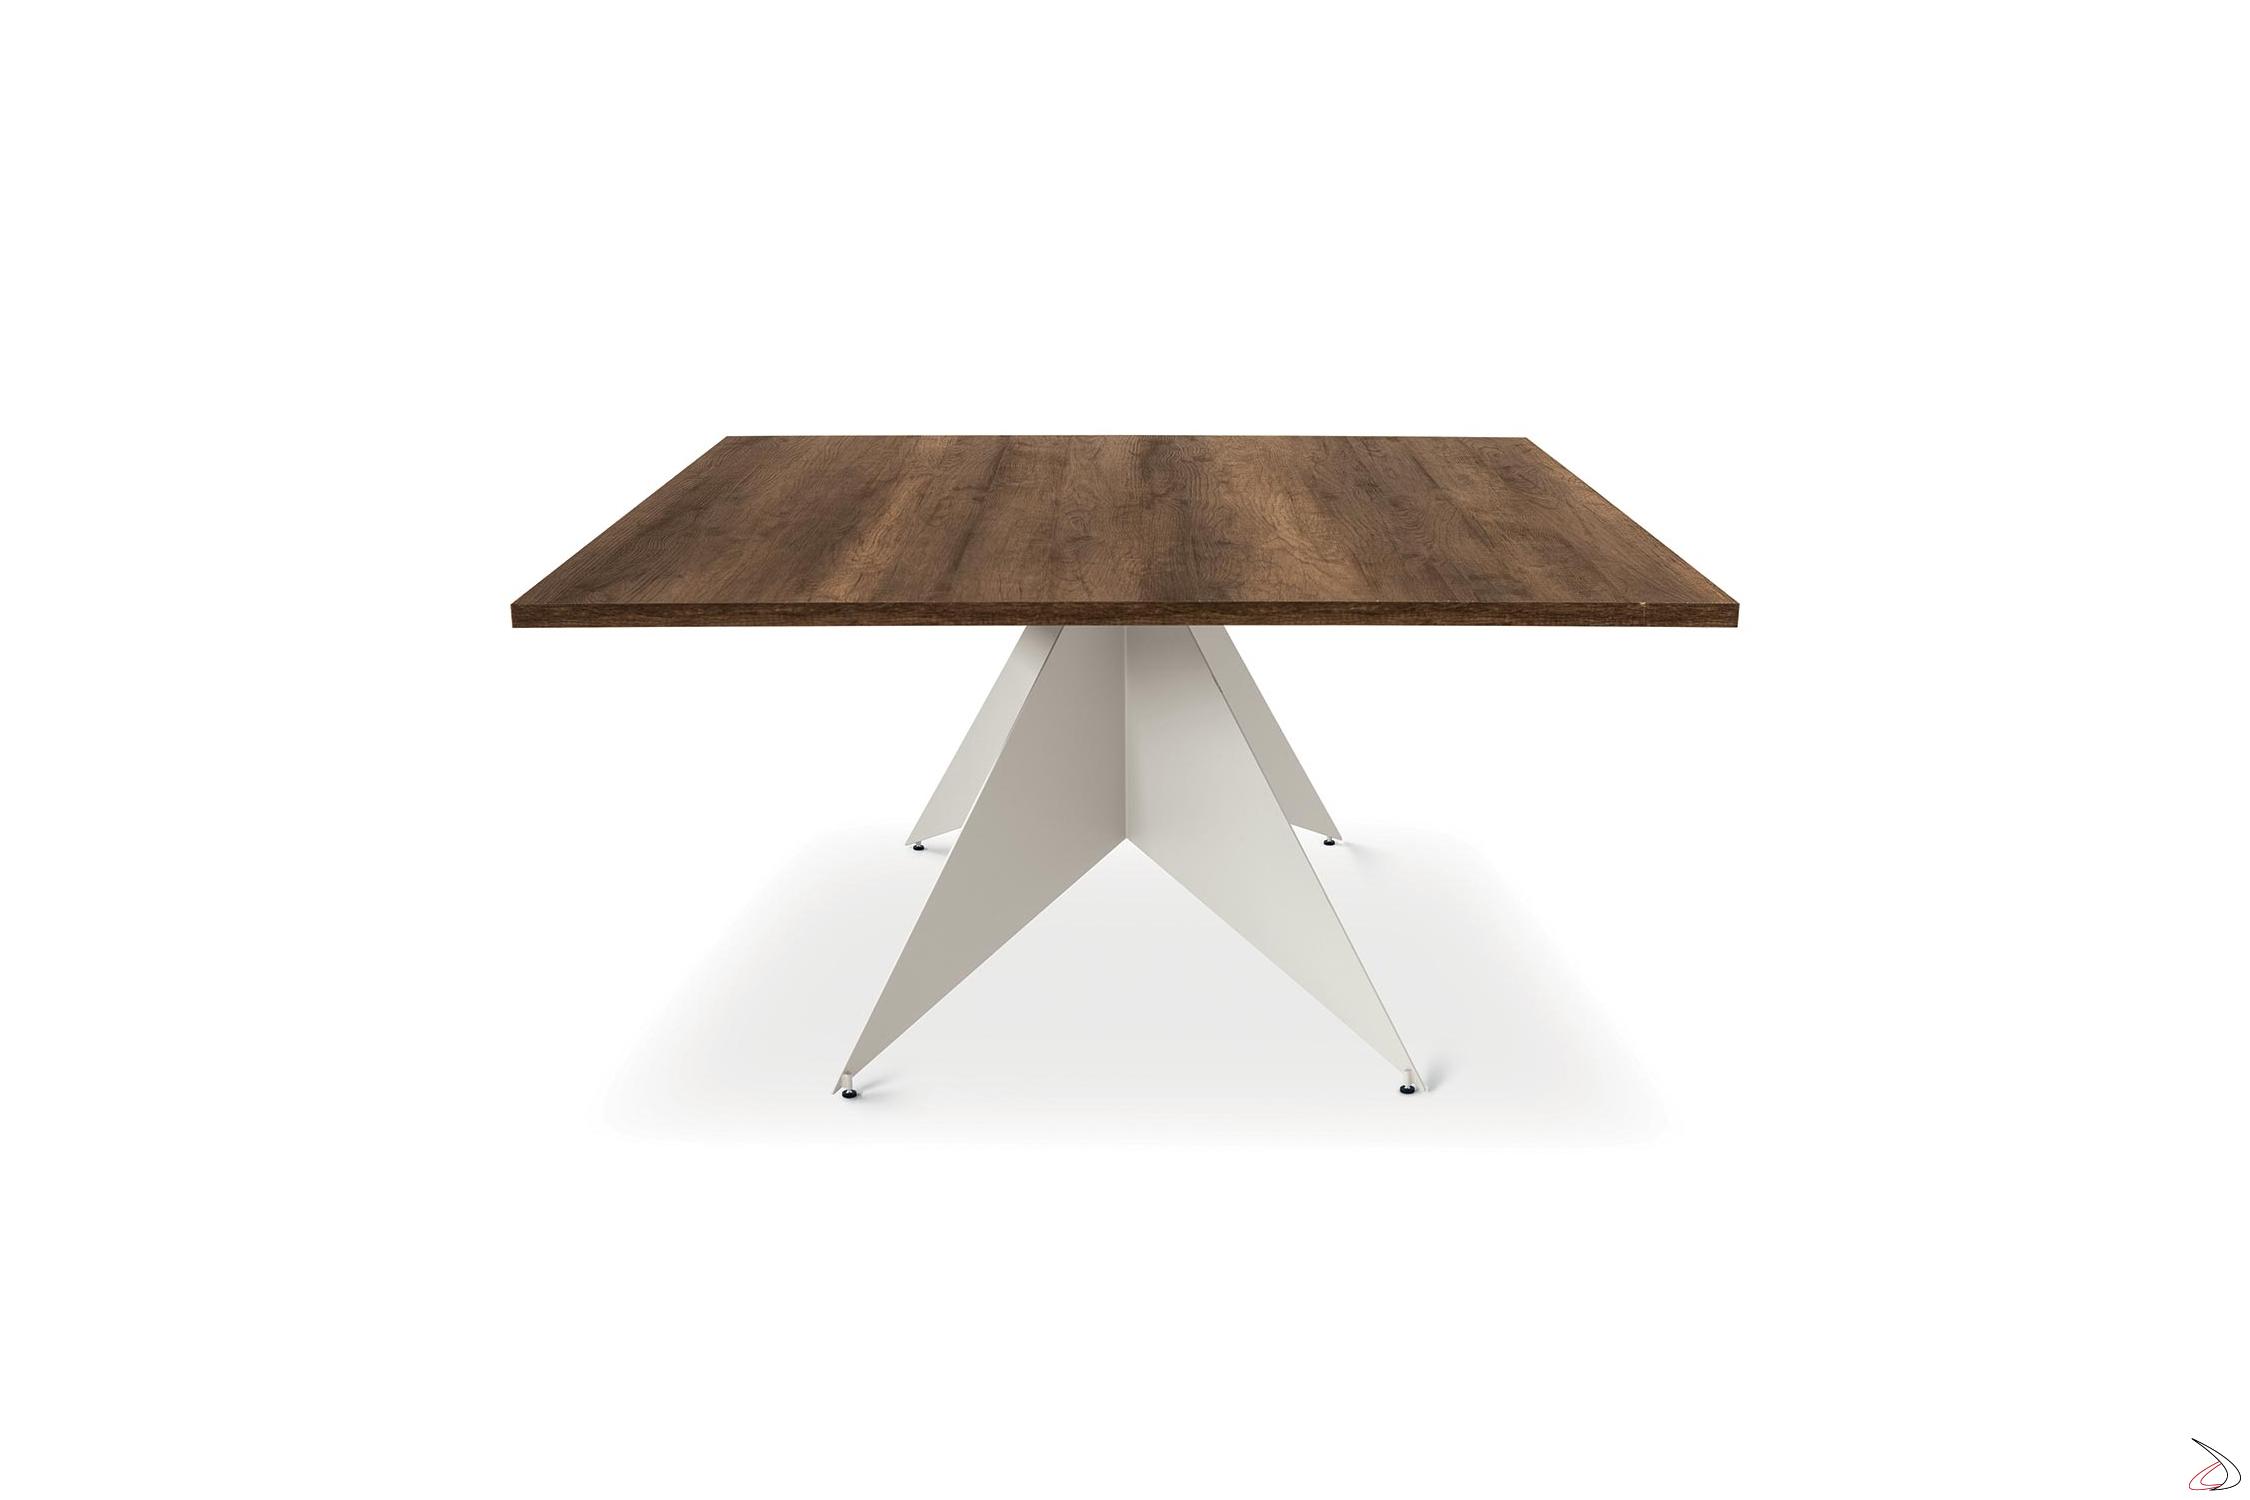 Tavolo Con Piede Centrale linden table